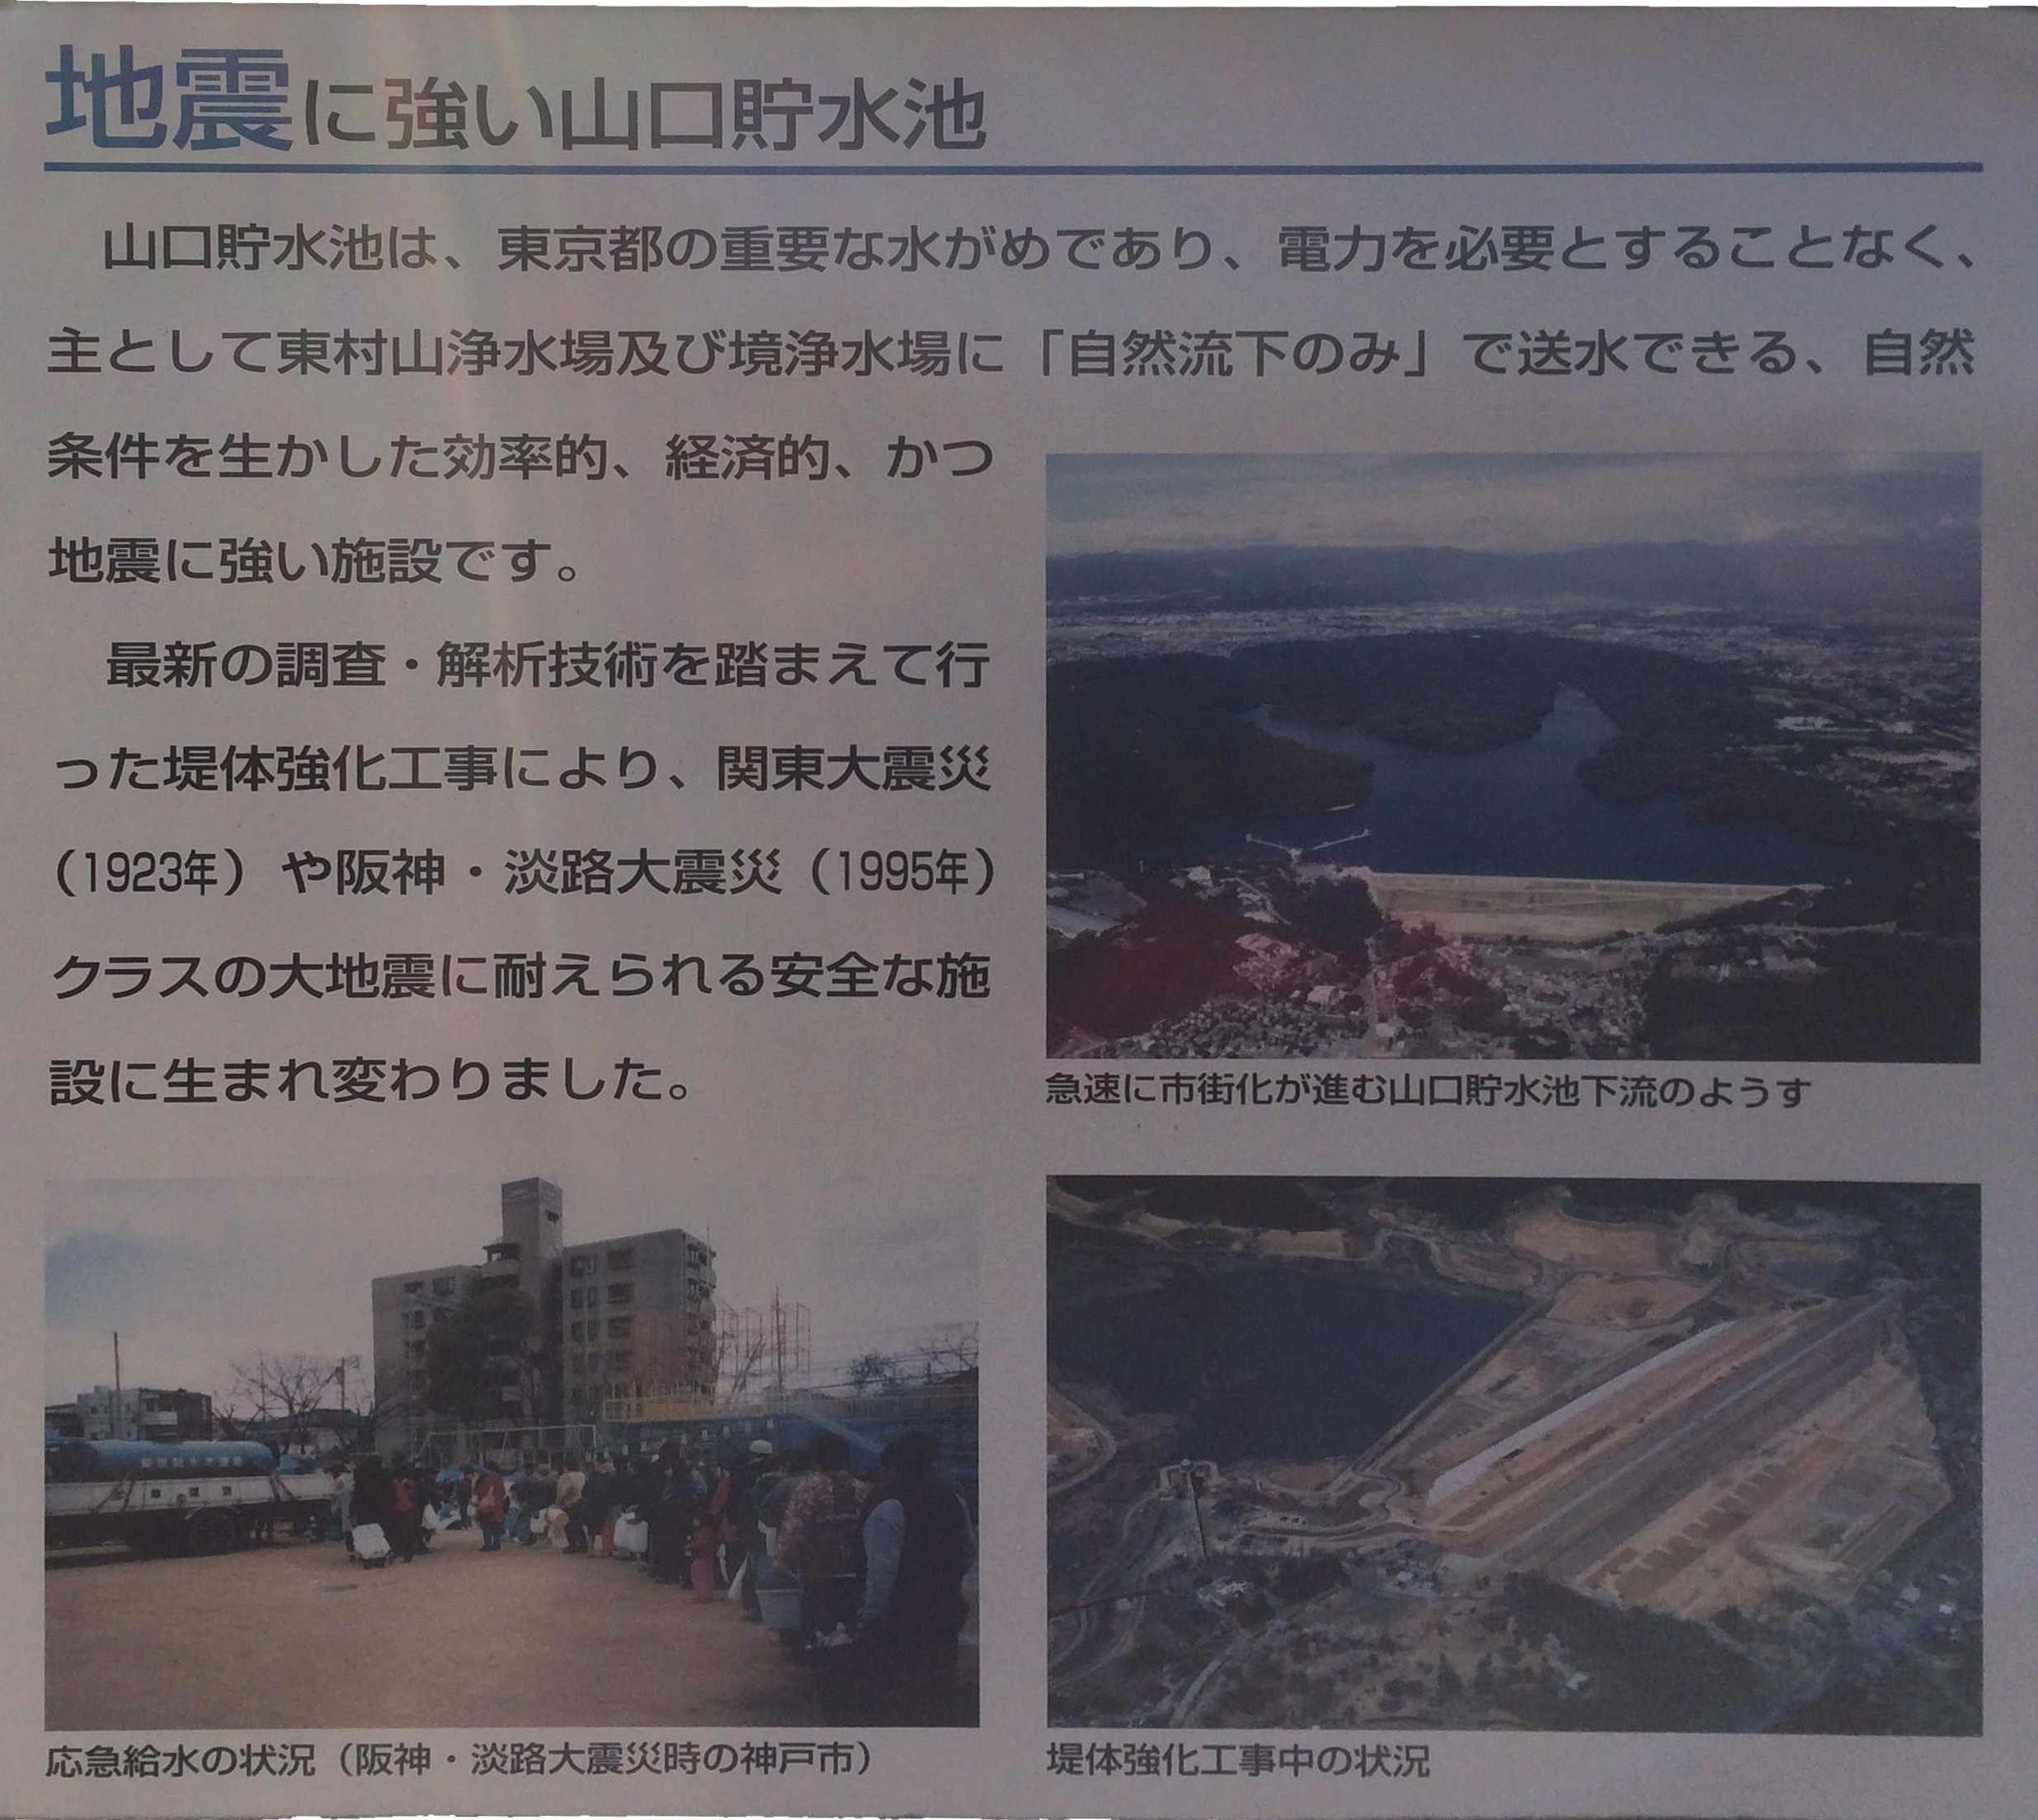 地震に強い山口貯水池